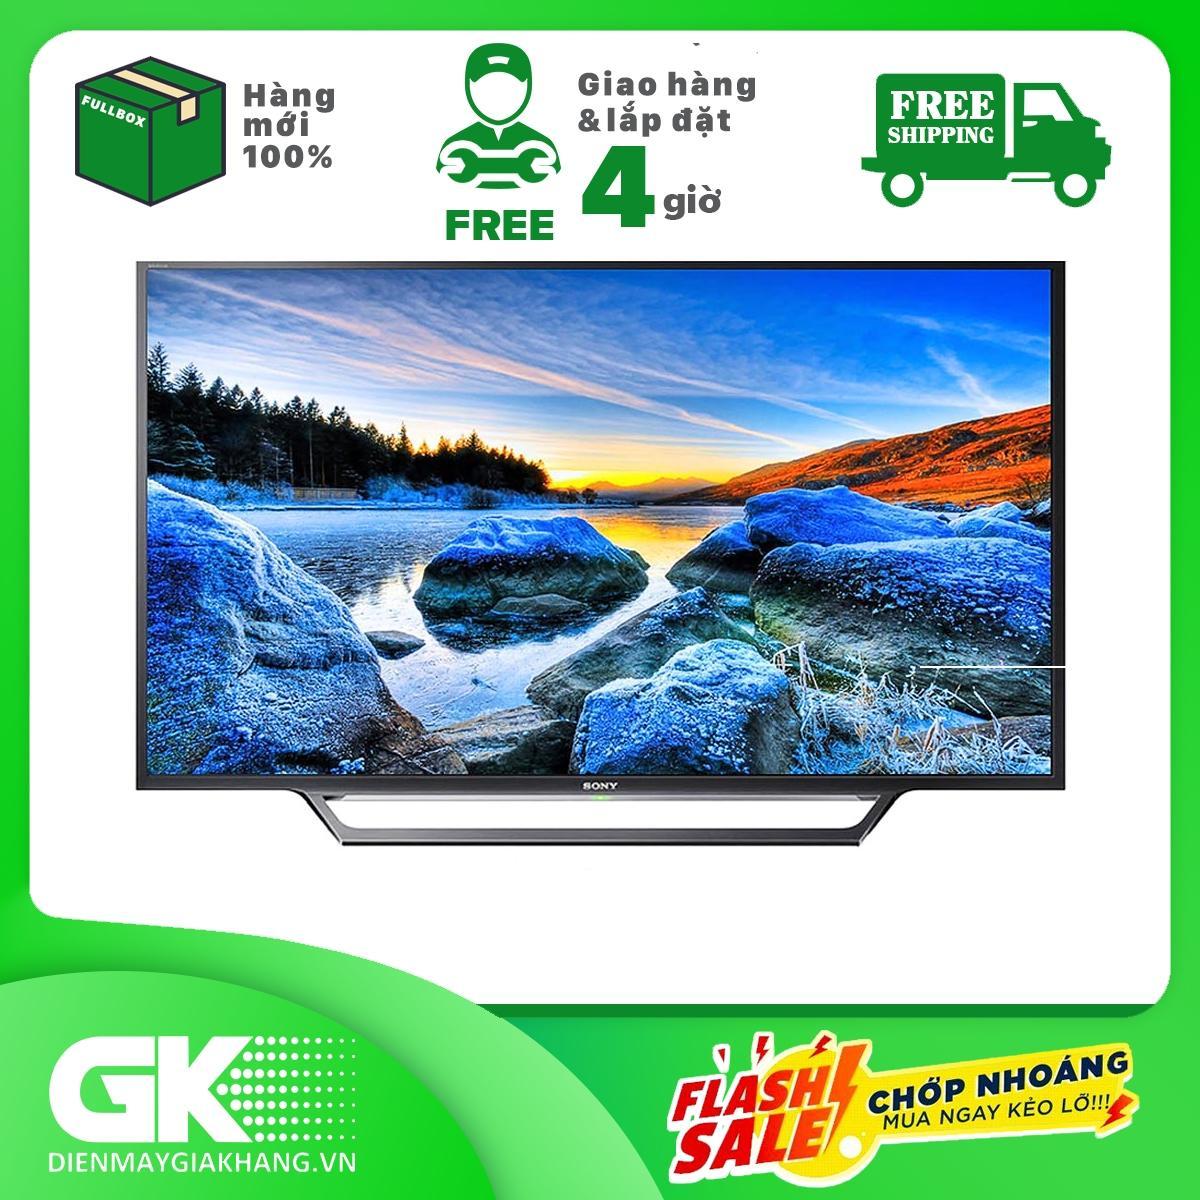 Bảng giá Internet Tivi Sony 40 inch KDL-40W650D Full HD - Hình ảnh sắc nét với công nghệ độc quyền X-Reality PRO - Âm thanh mạnh mẽ, bùng nổ với công nghệ Dolby Digital - Bảo hành 2 năm